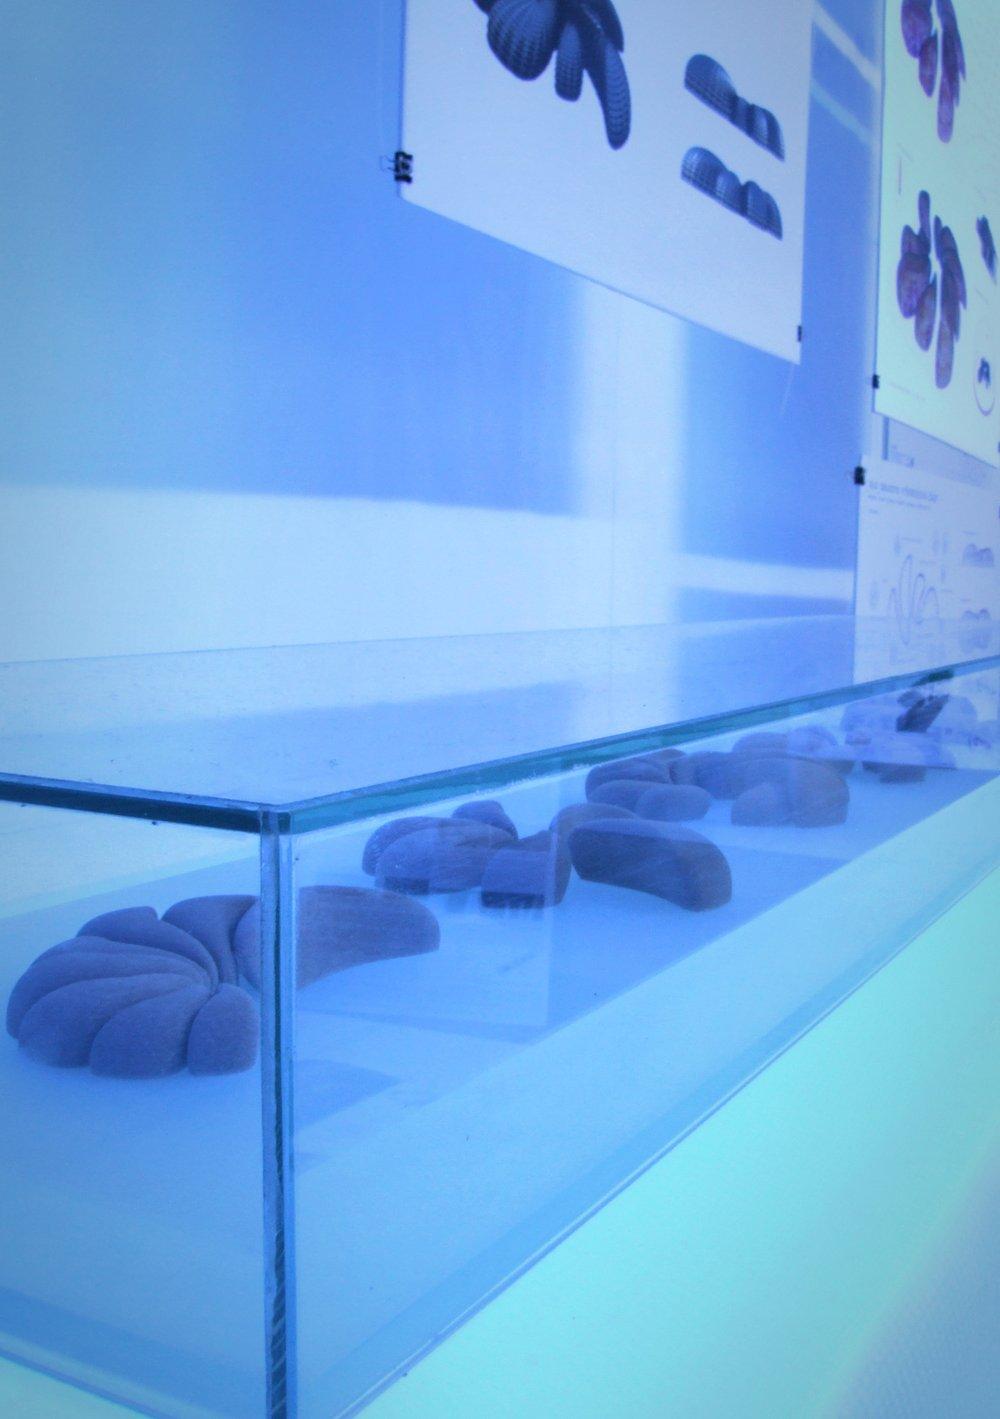 Instalace | zimní semestr 2009/10